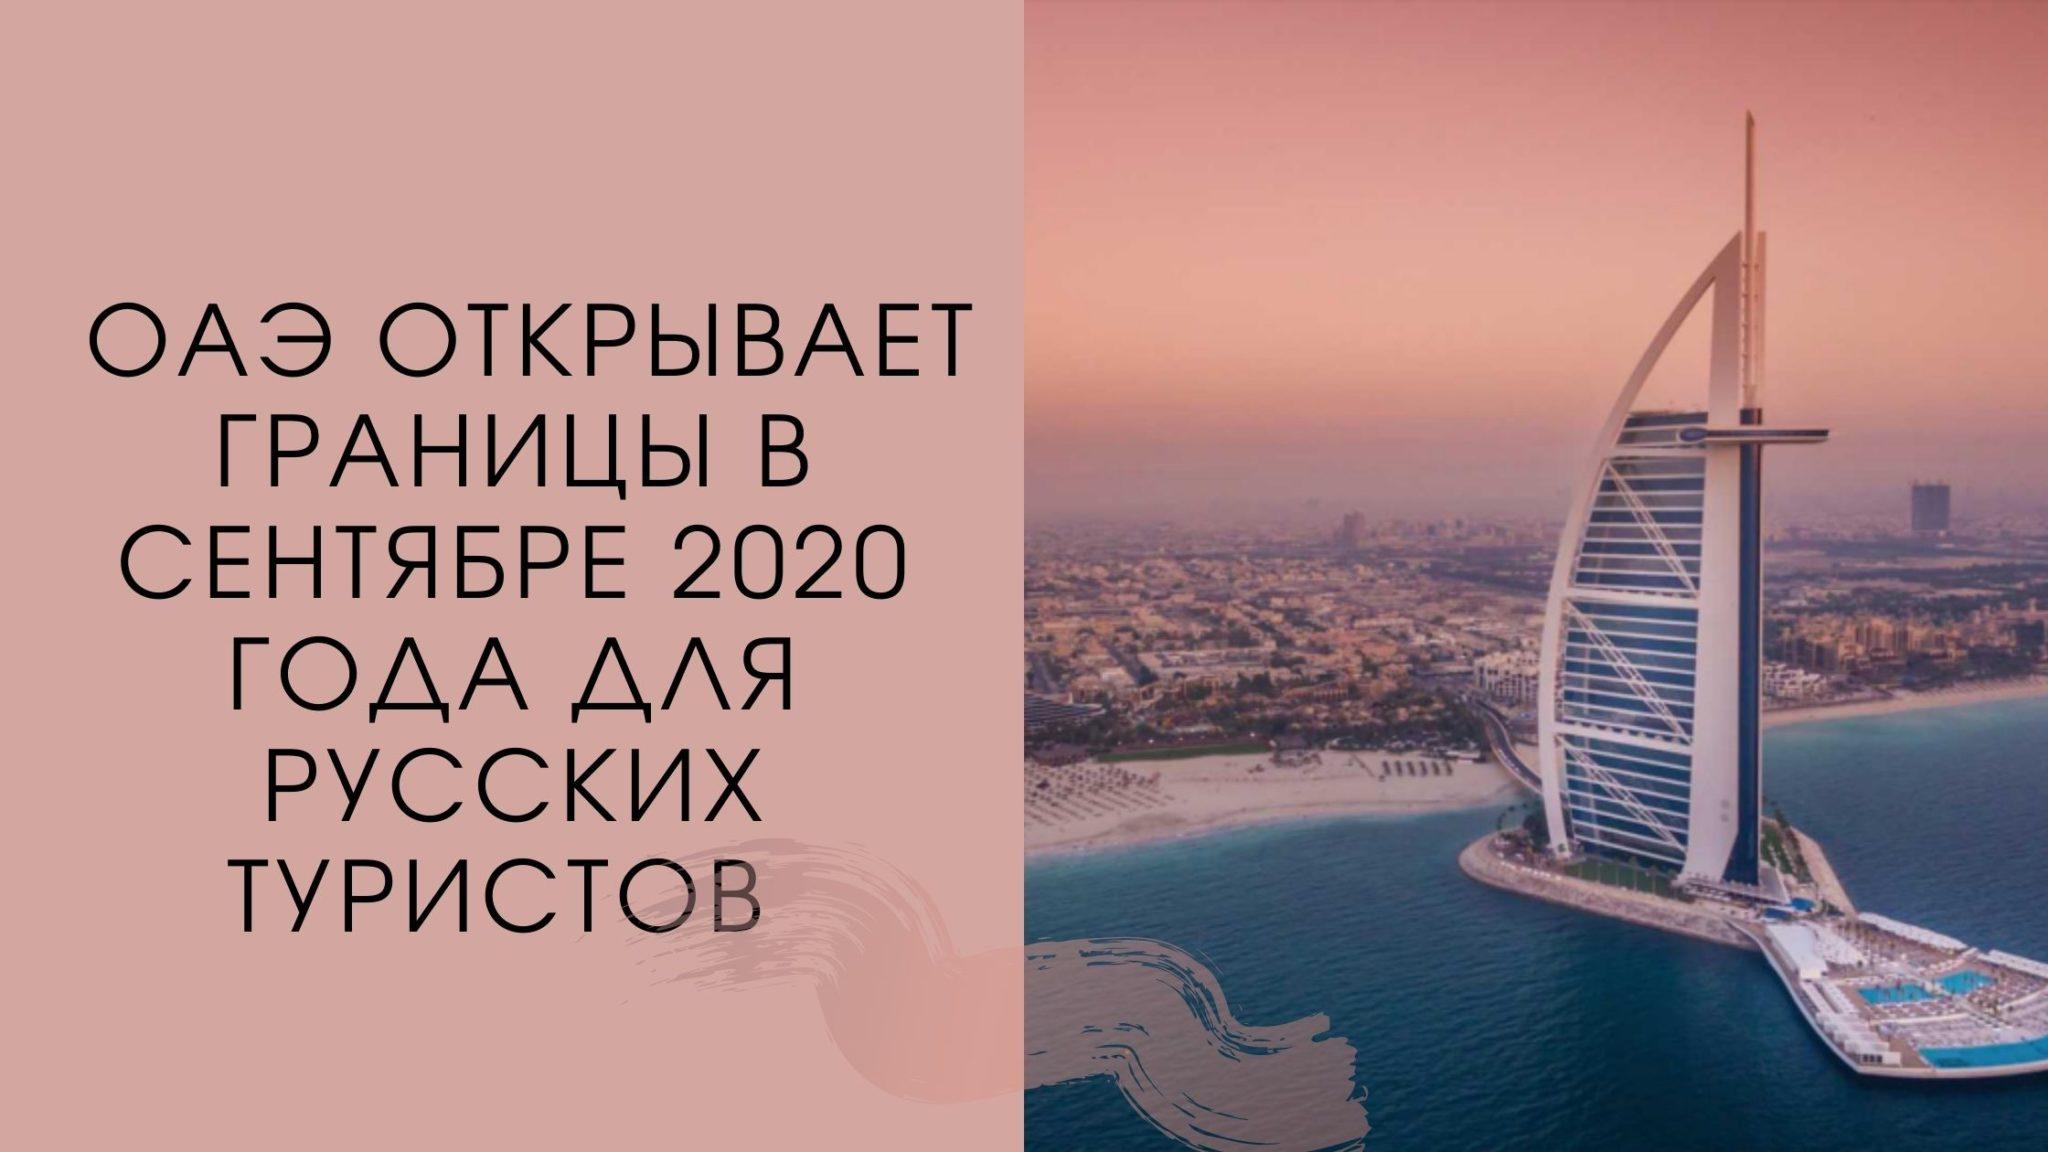 ОАЭ откроет границы в сентябре 2020 для россиян